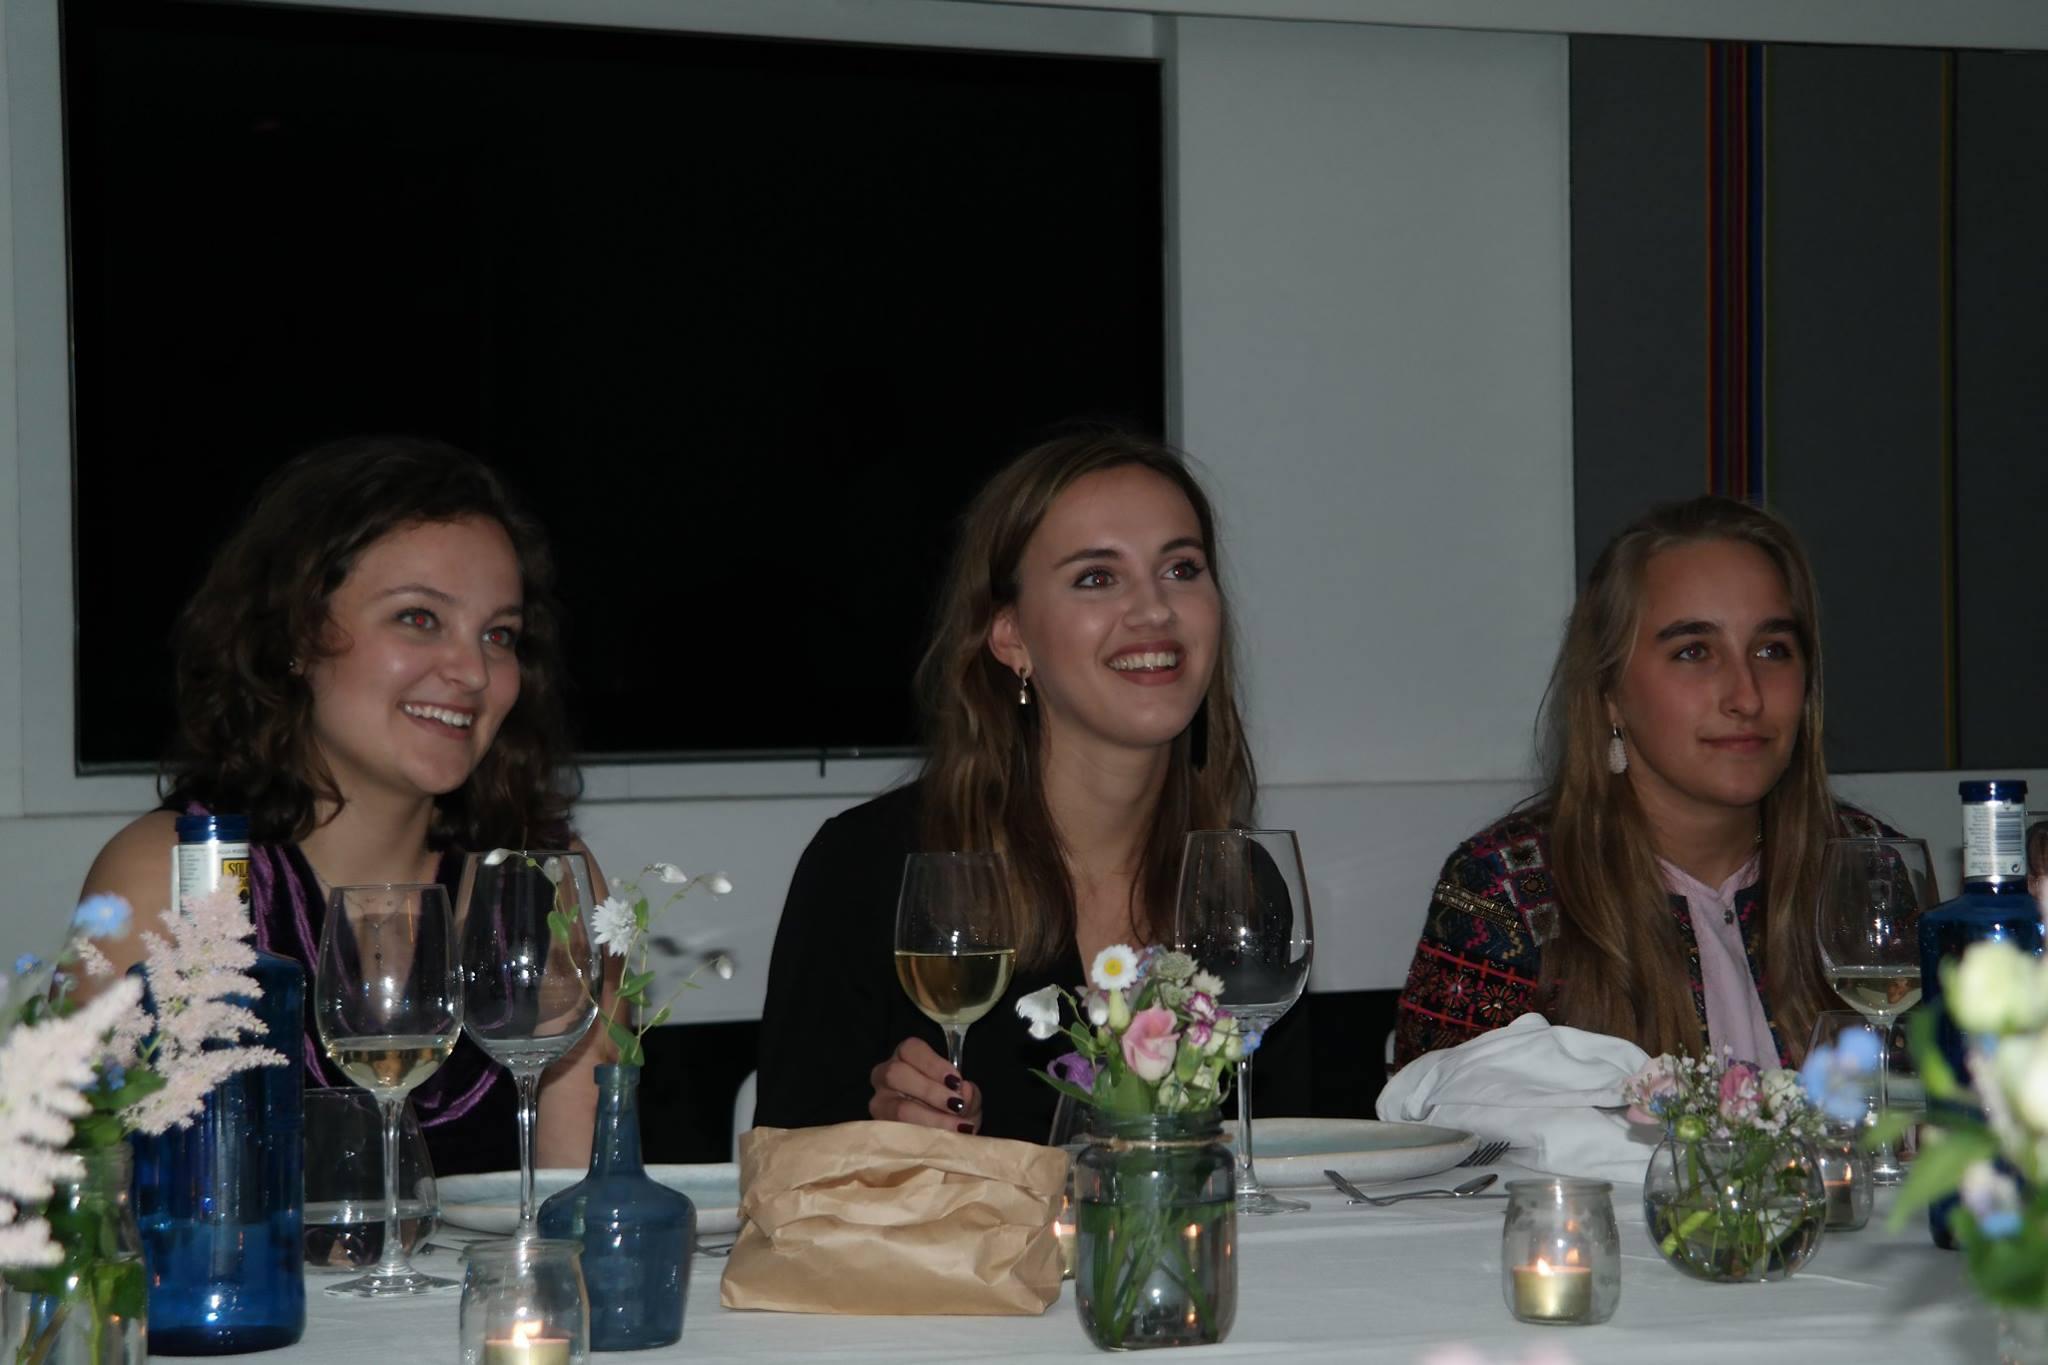 diner tafel vol bloemen